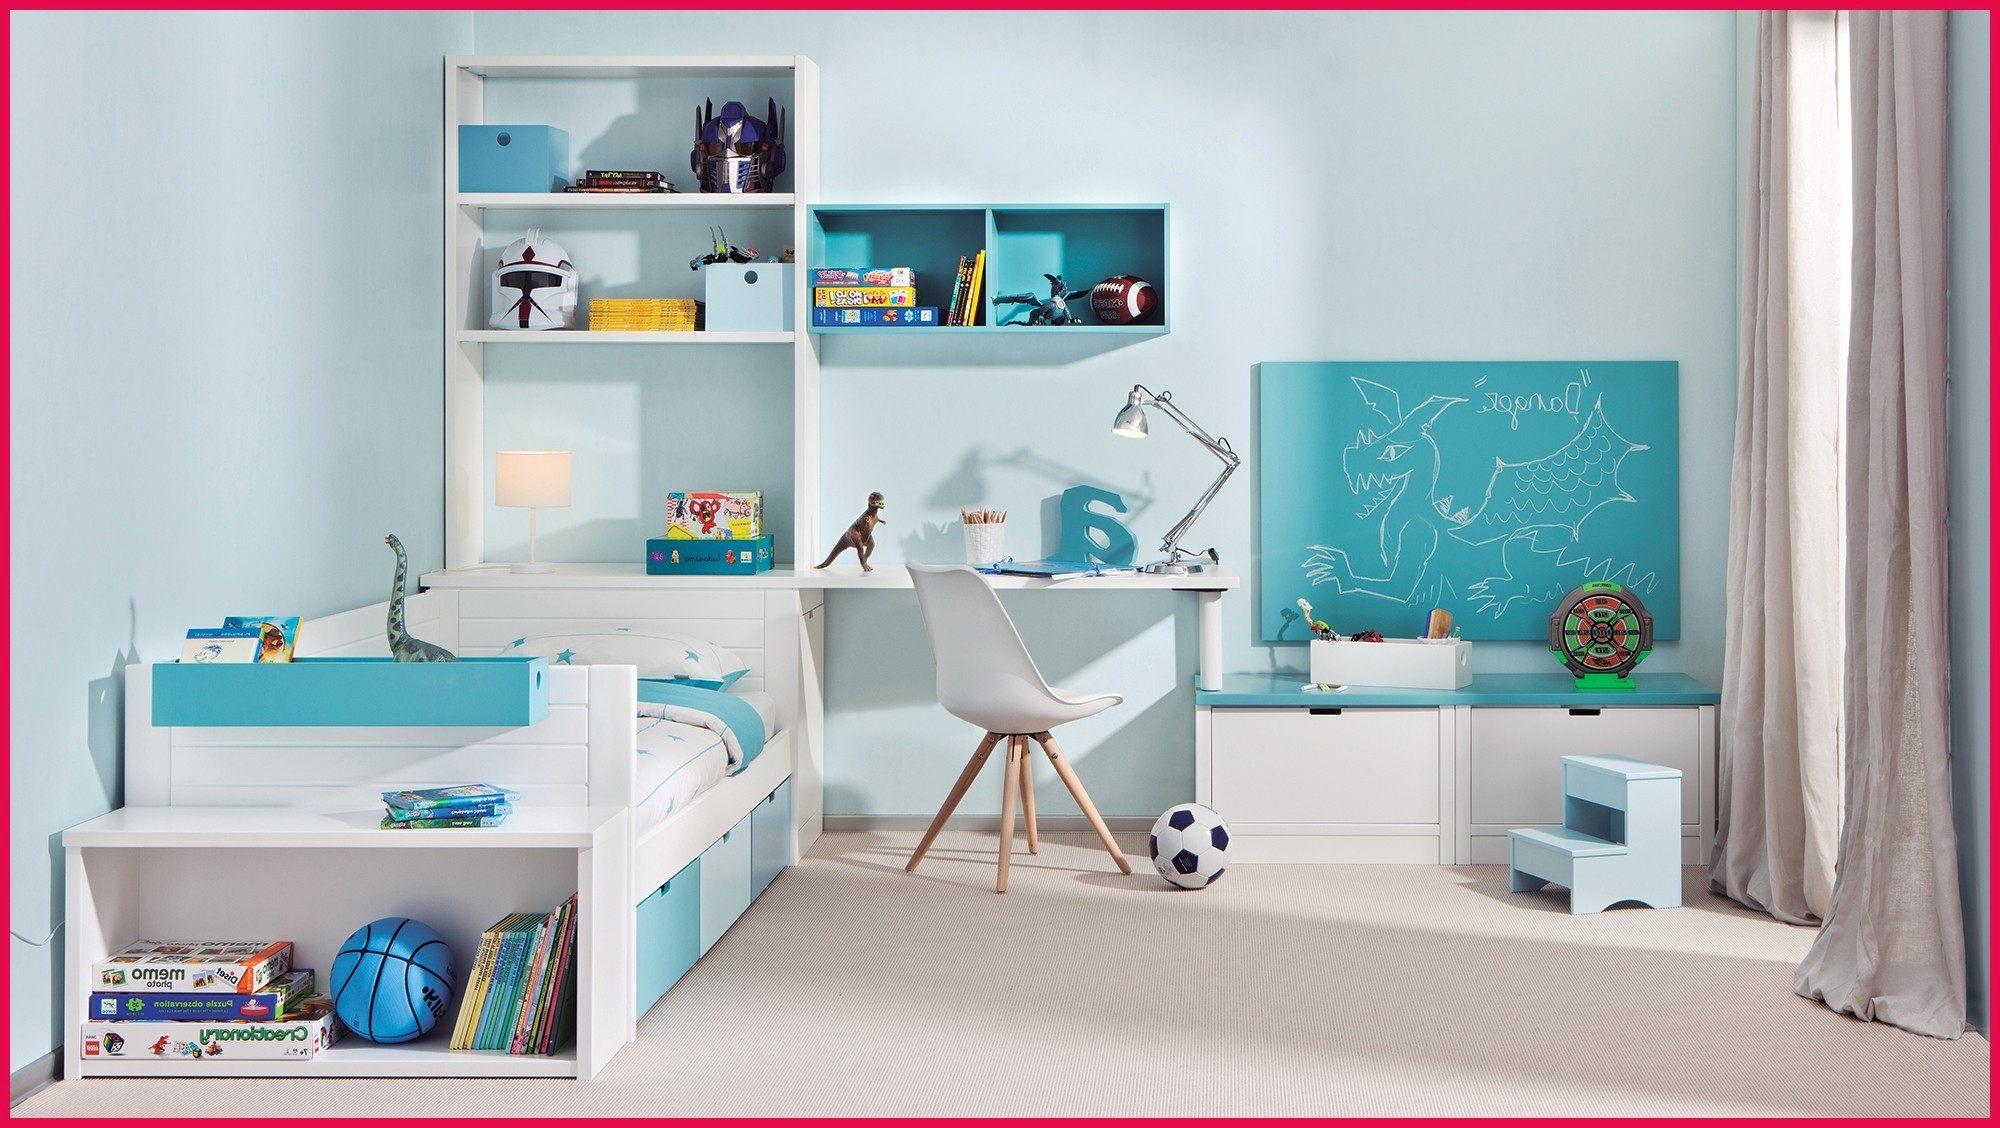 Lit Montessori Bébé 9 Mois Fraîche Chambre Bébé Montessori Unique Meuble Rangement Chambre Garcon 19 B